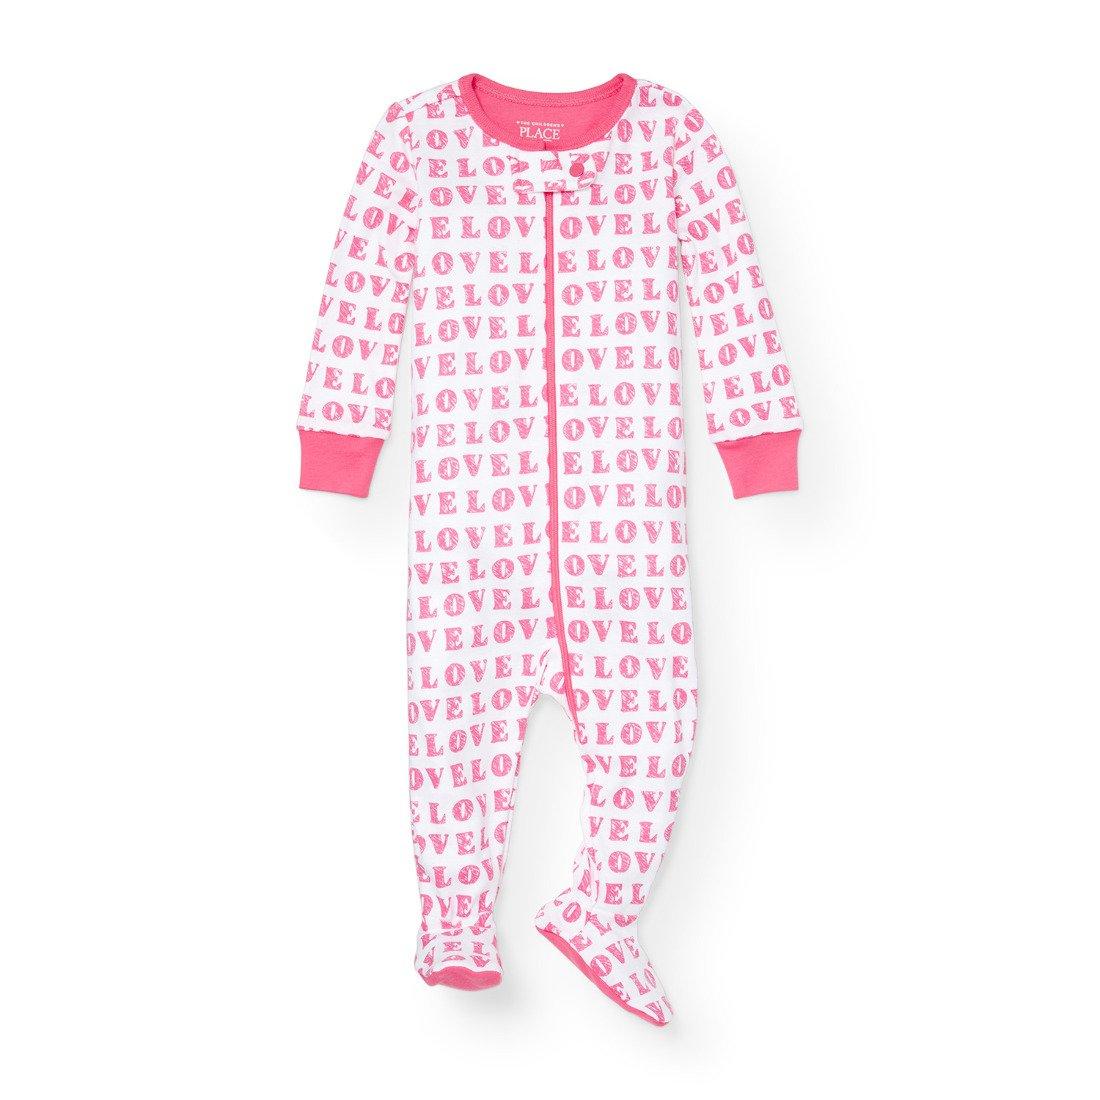 豪華で新しい The Children's Zinnia 4T Place SLEEPWEAR ユニセックスベビー 4T Zinnia Pink Pink 91339 B071K963F2, パールアンドパステル:38b7e795 --- a0267596.xsph.ru